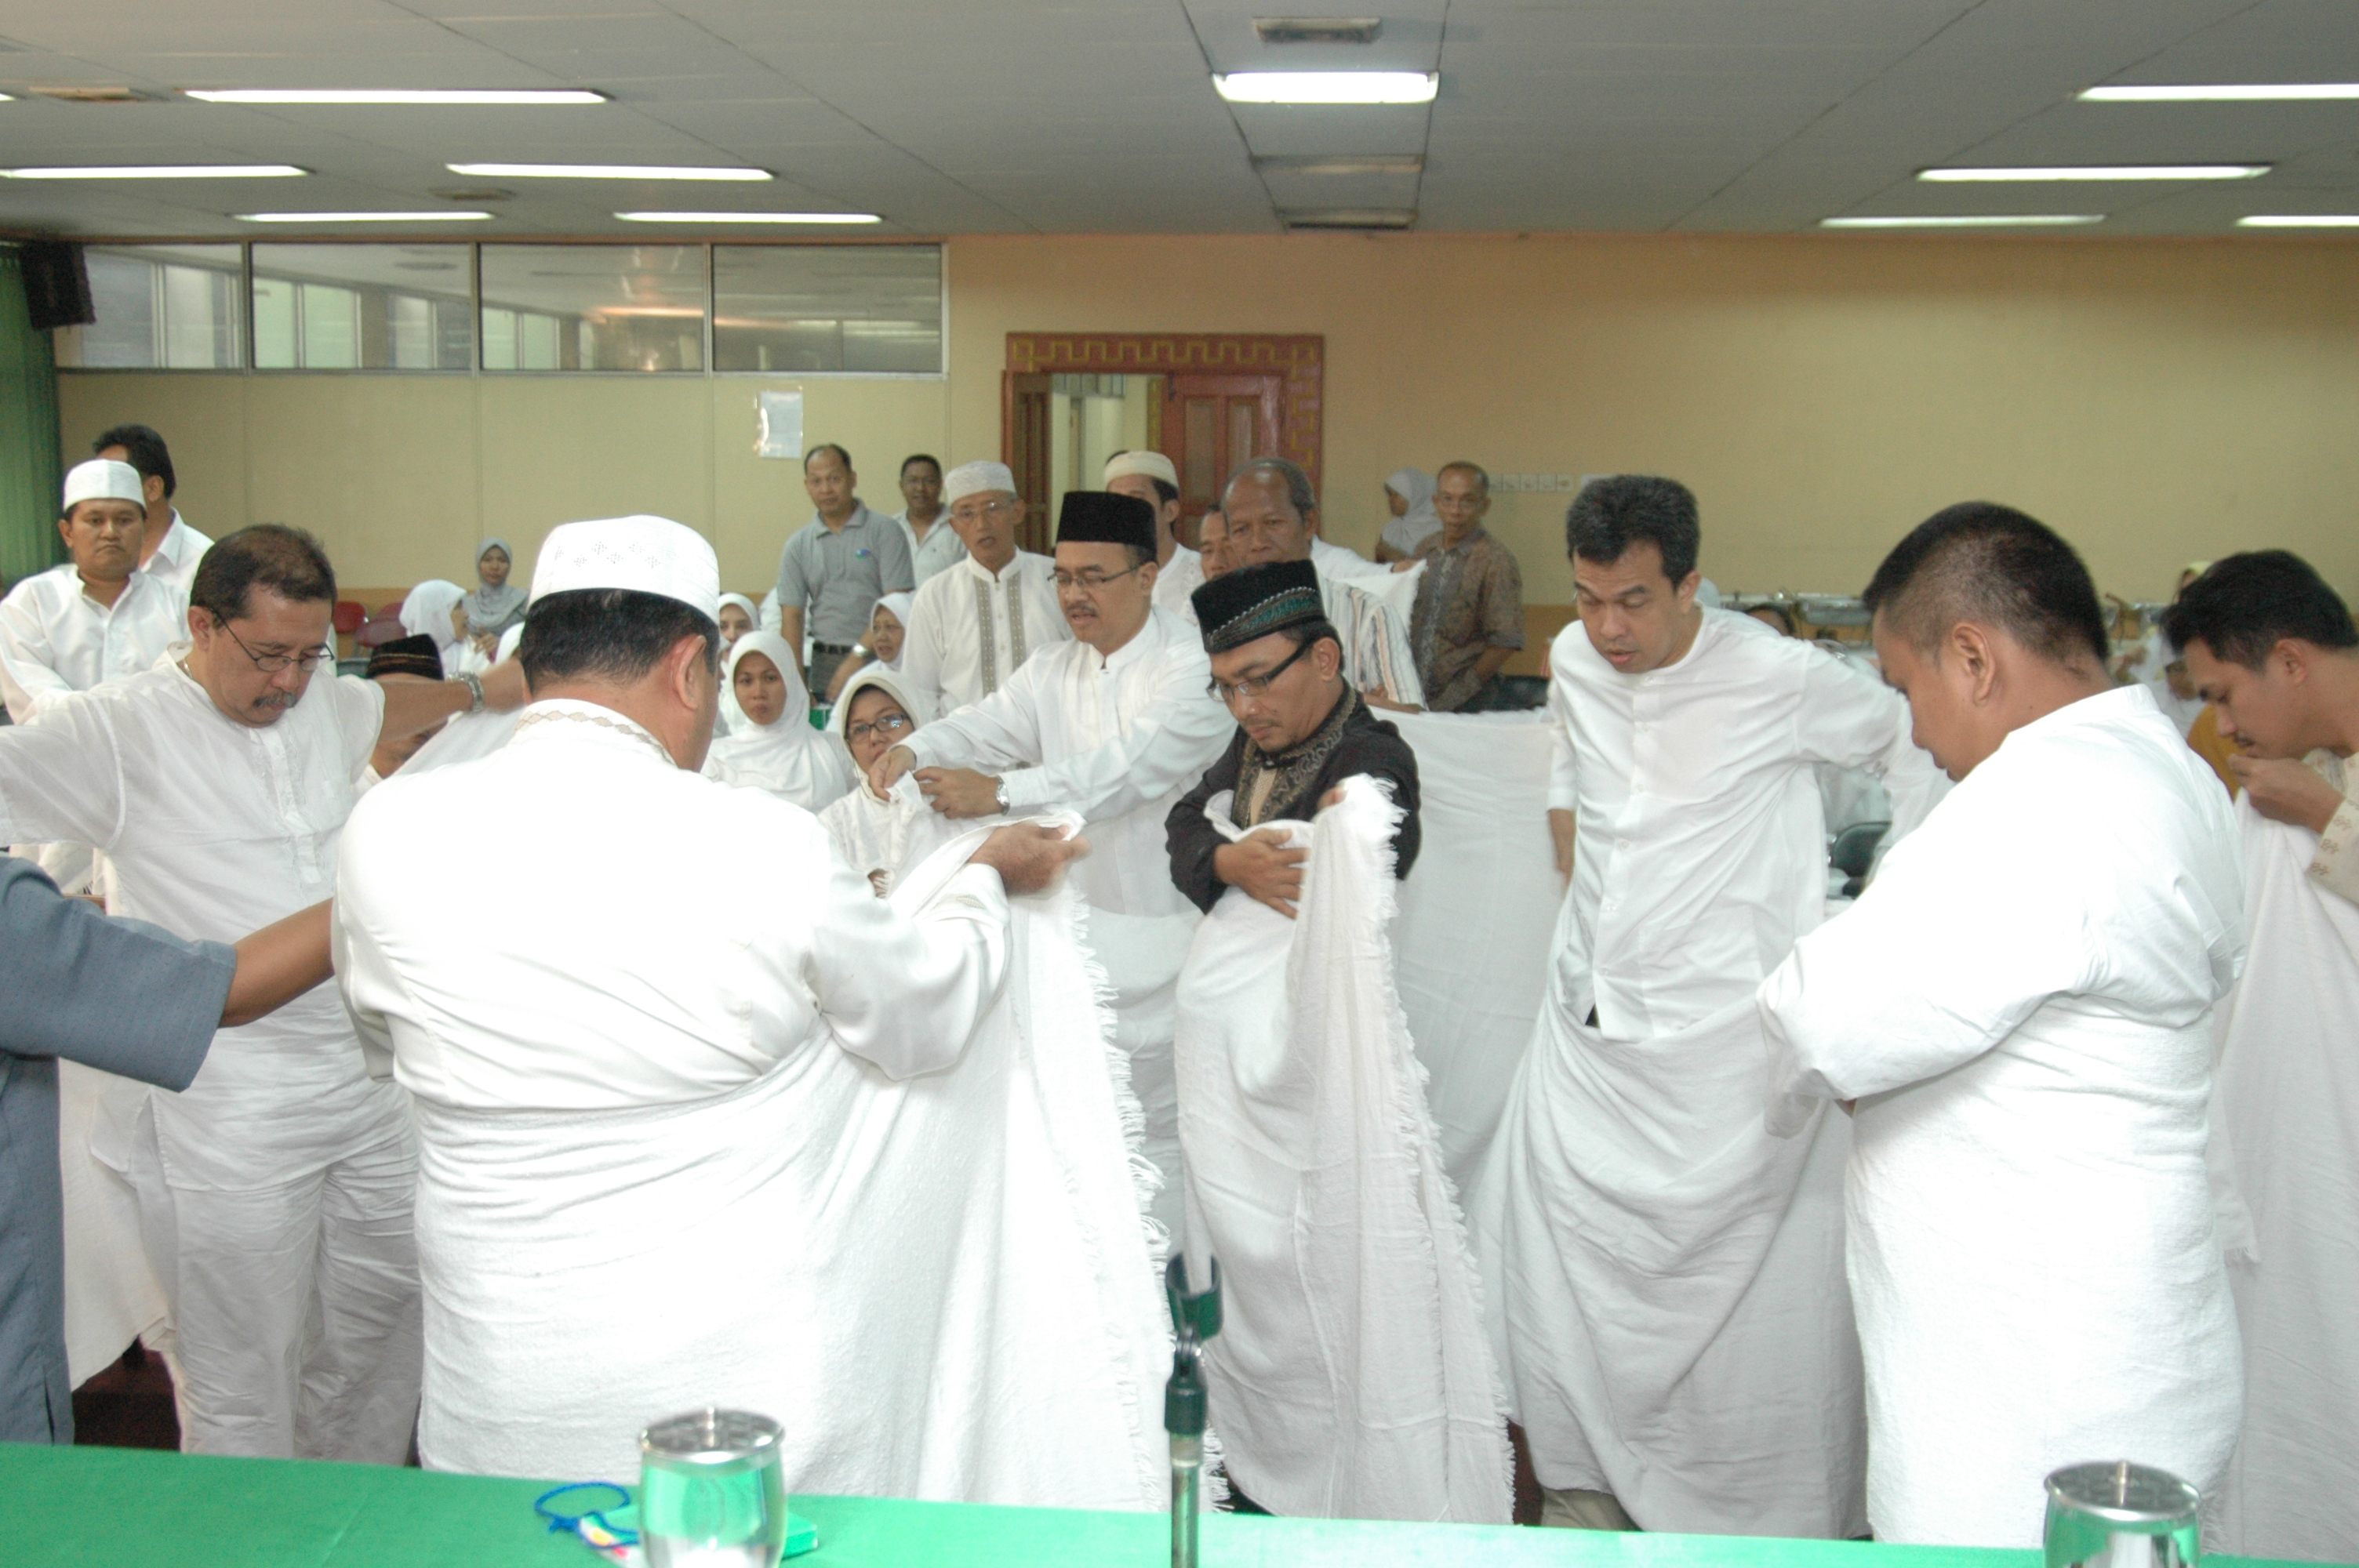 DSC 3790 Haji